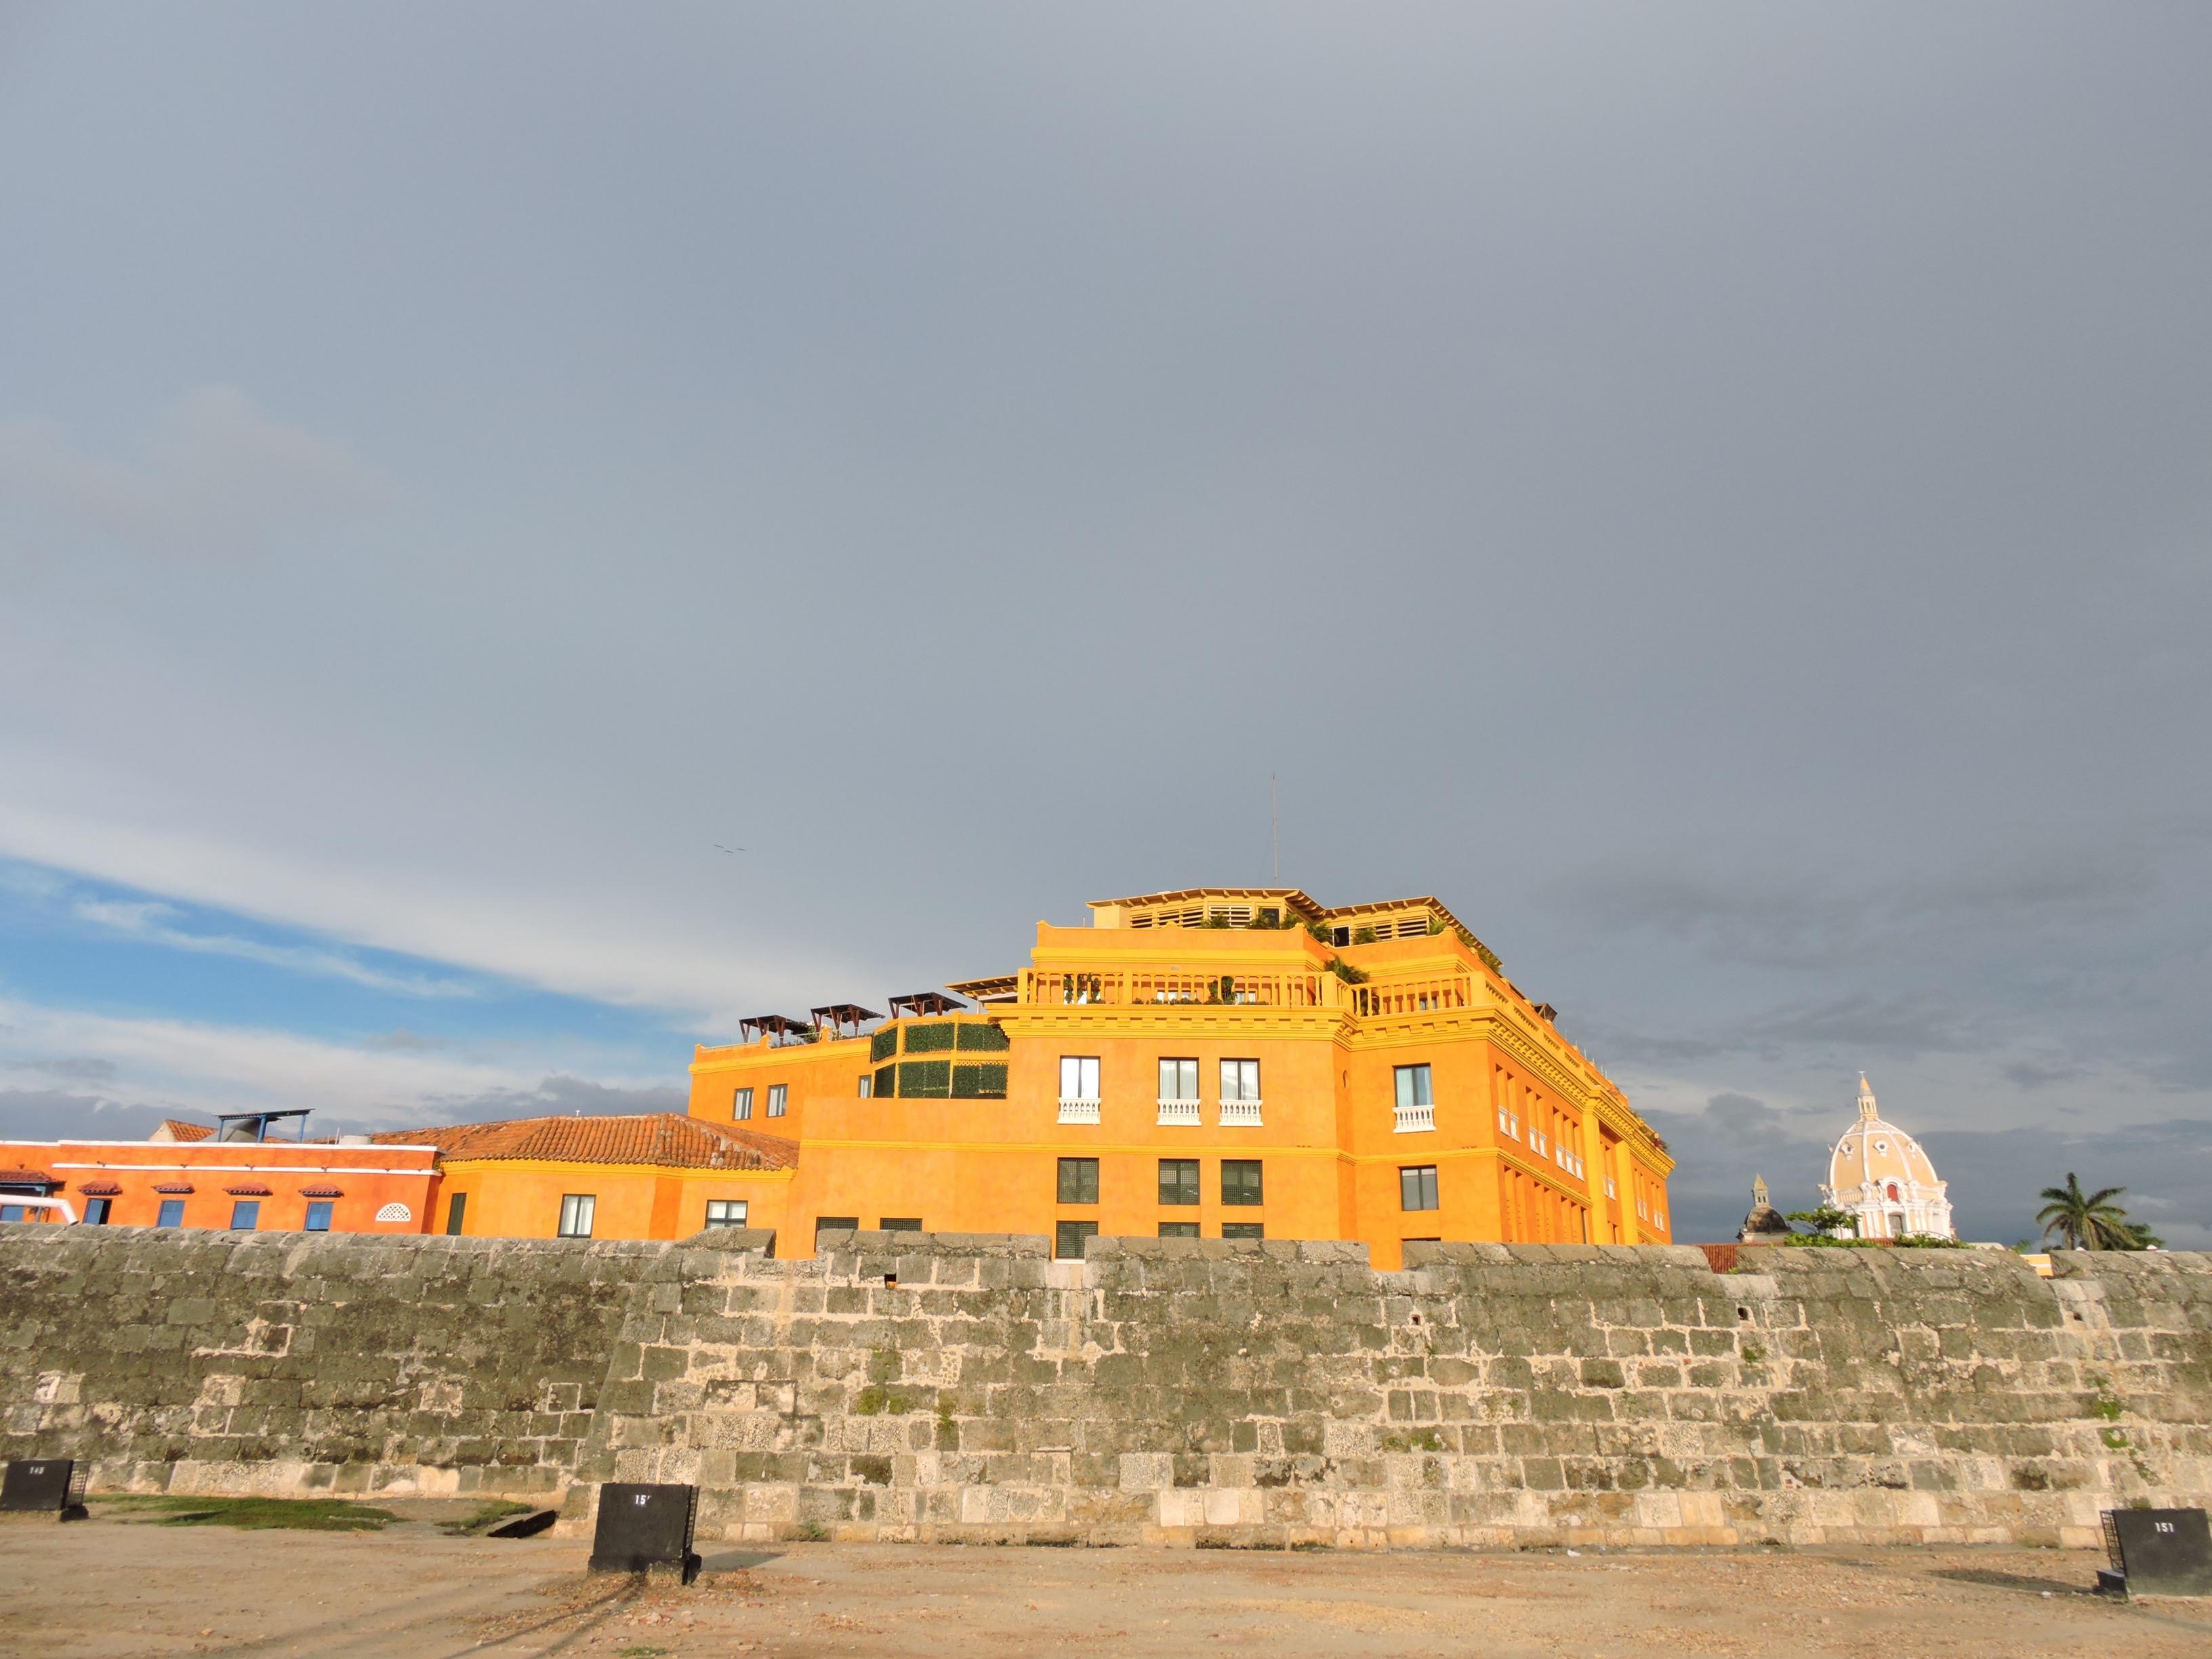 ciudad-amurallada-colombia